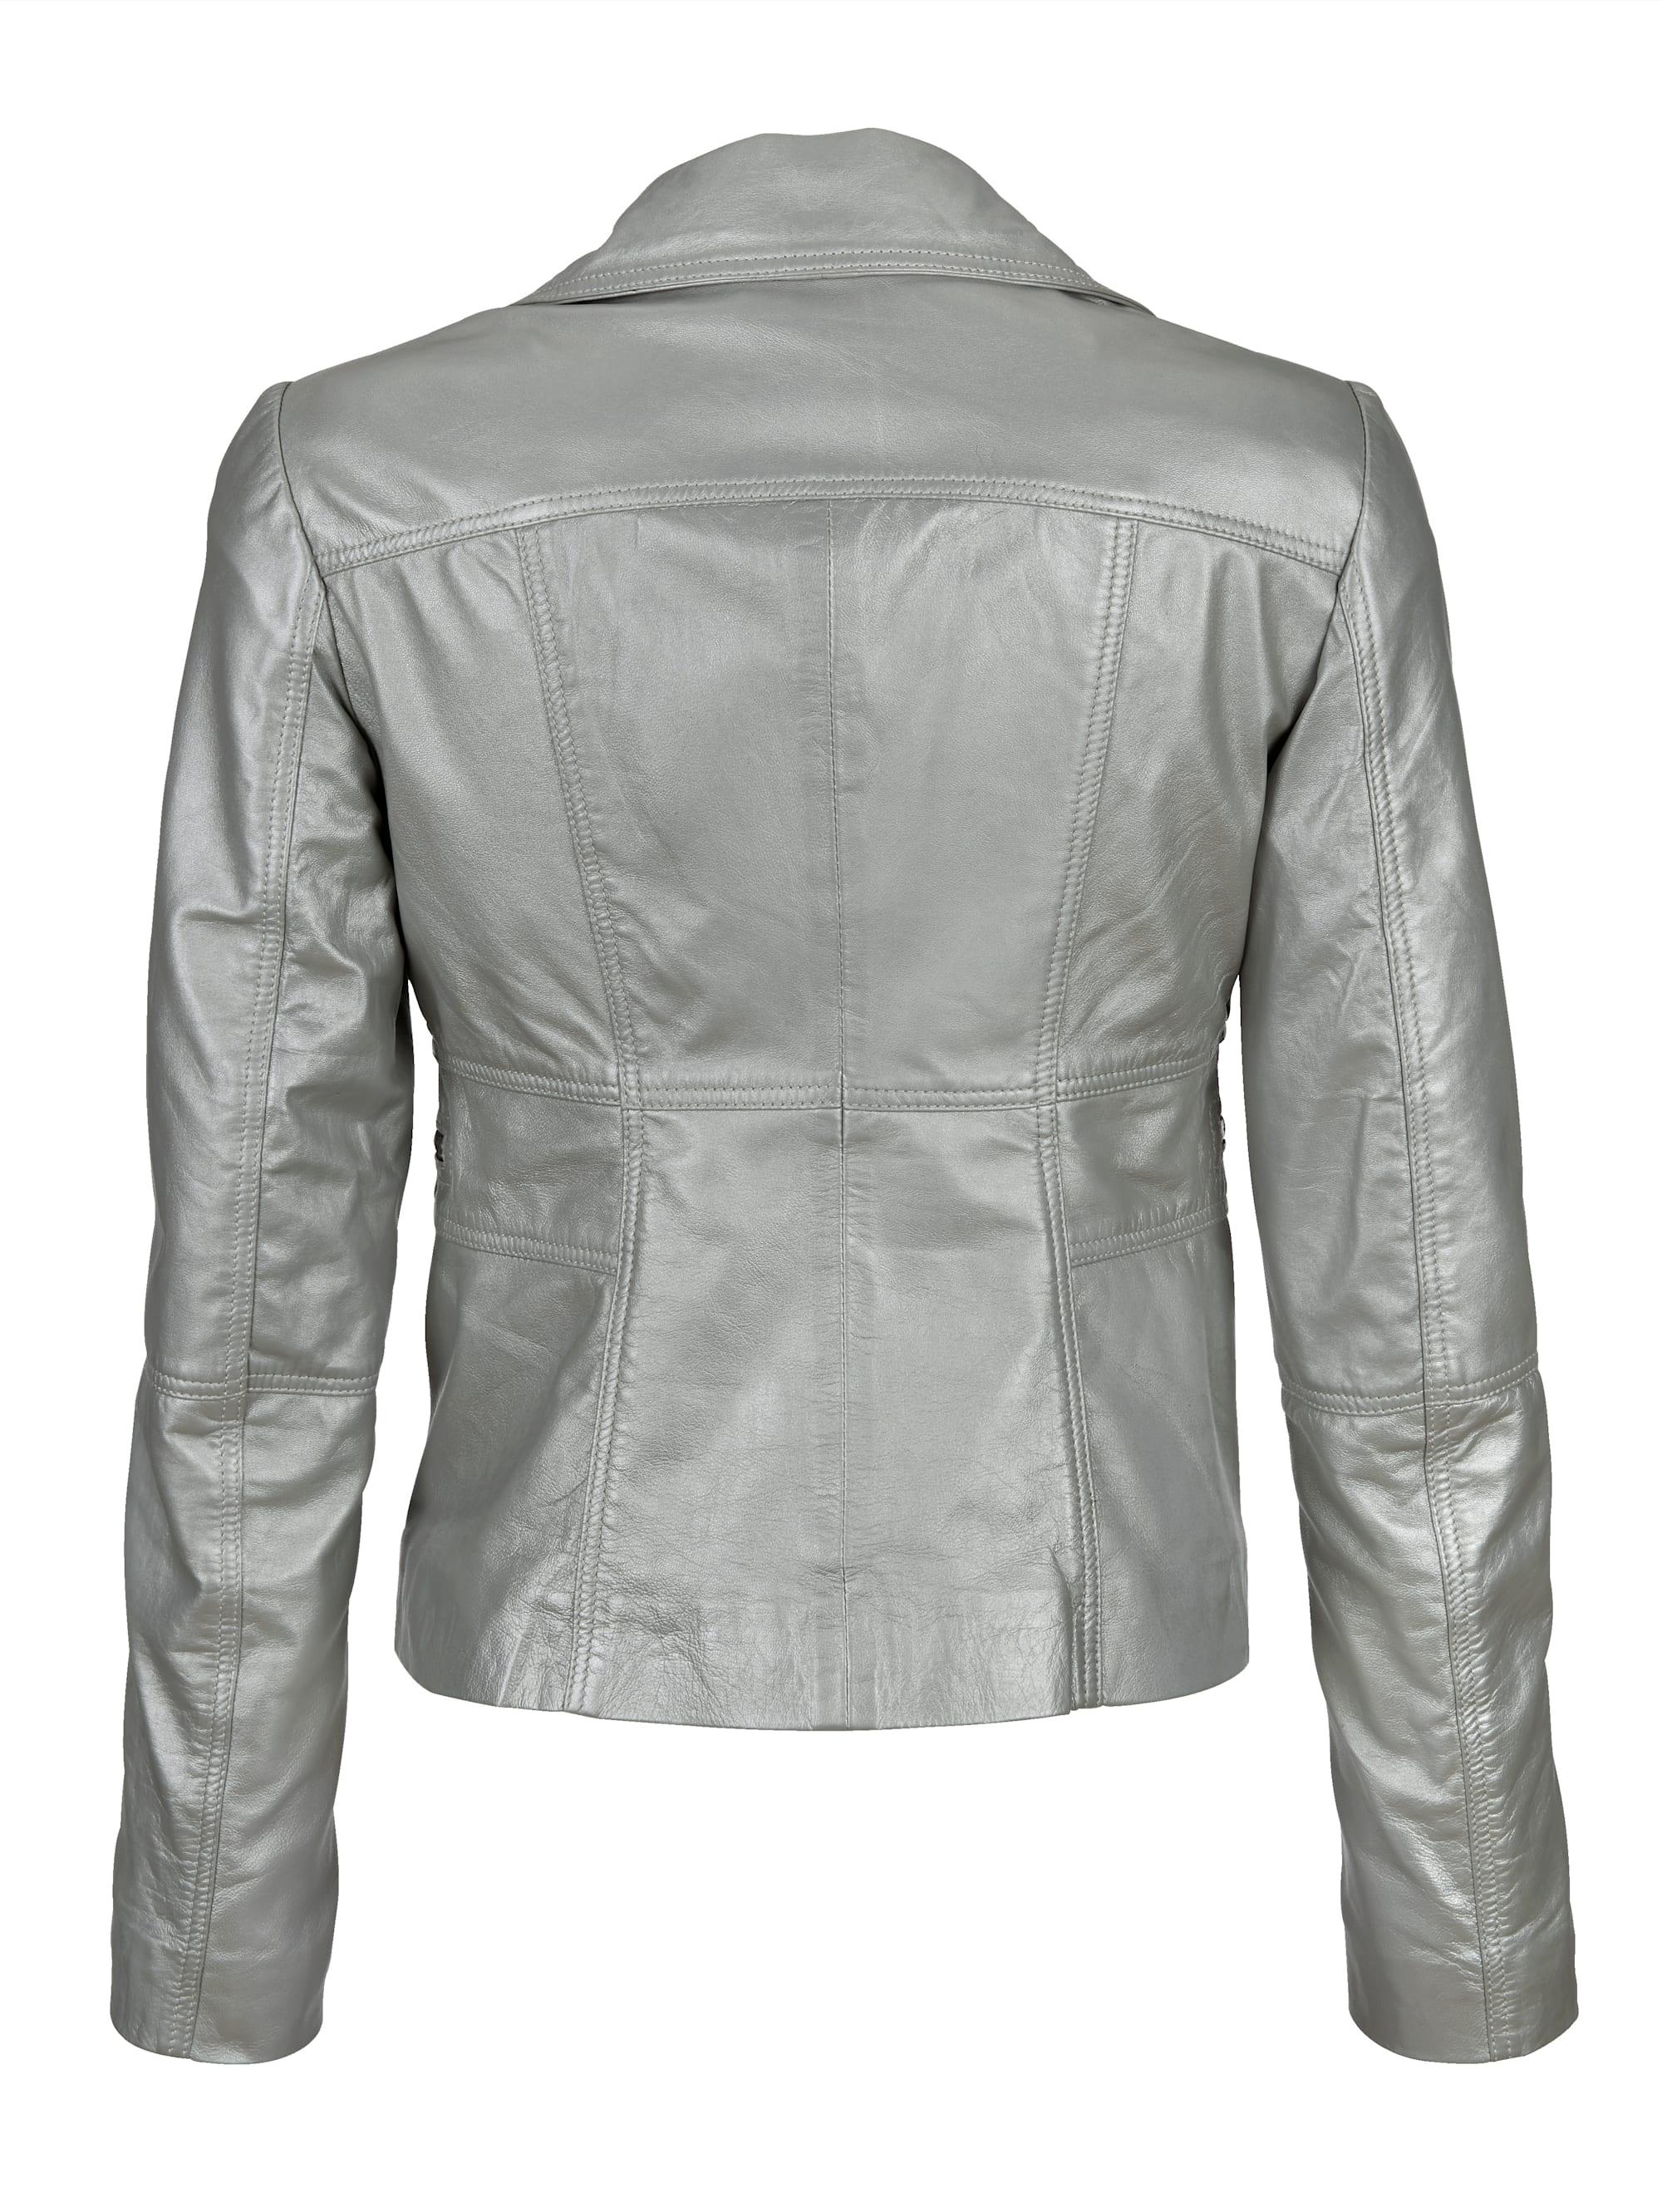 AMY VERMONT Lederjacke in Silberfarben günstig kaufen